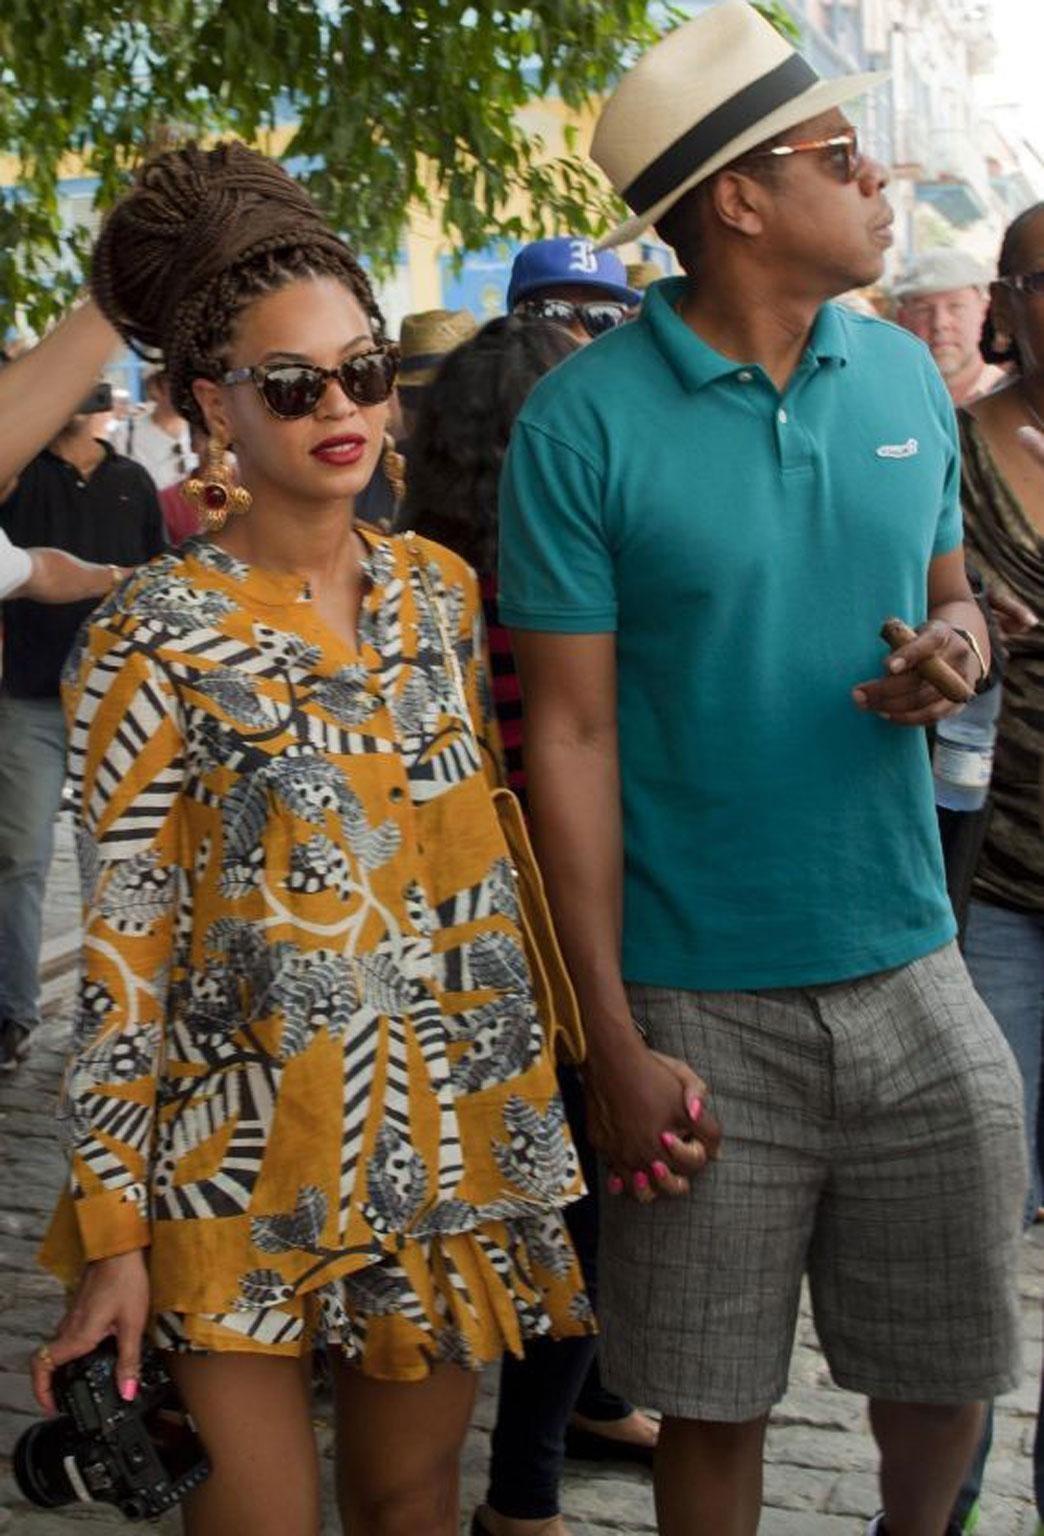 U.S. singer Beyonce and her husband, rapper Jay-Z, tour Old Havana, Cuba